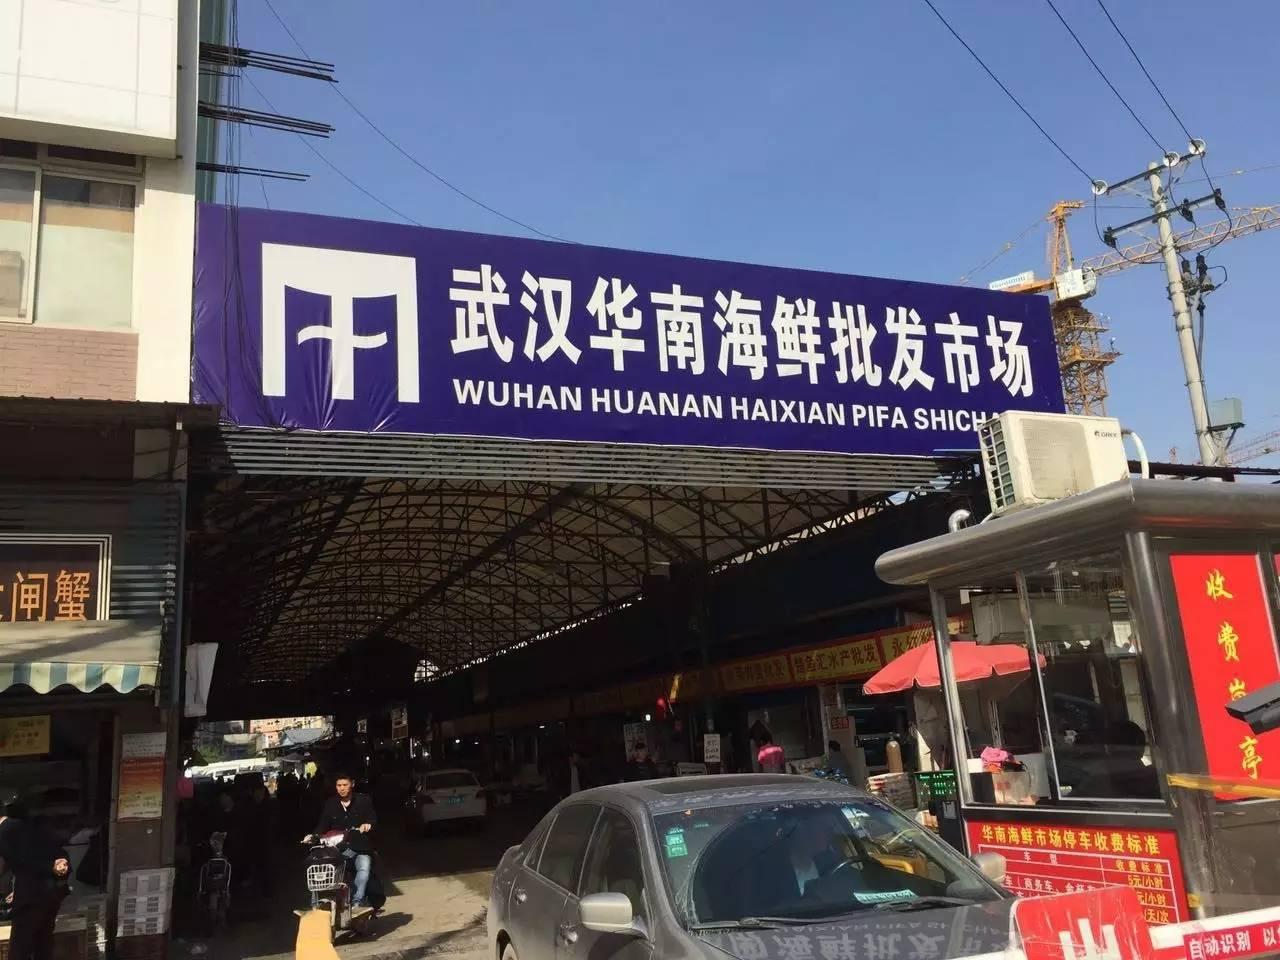 華南海鮮市場